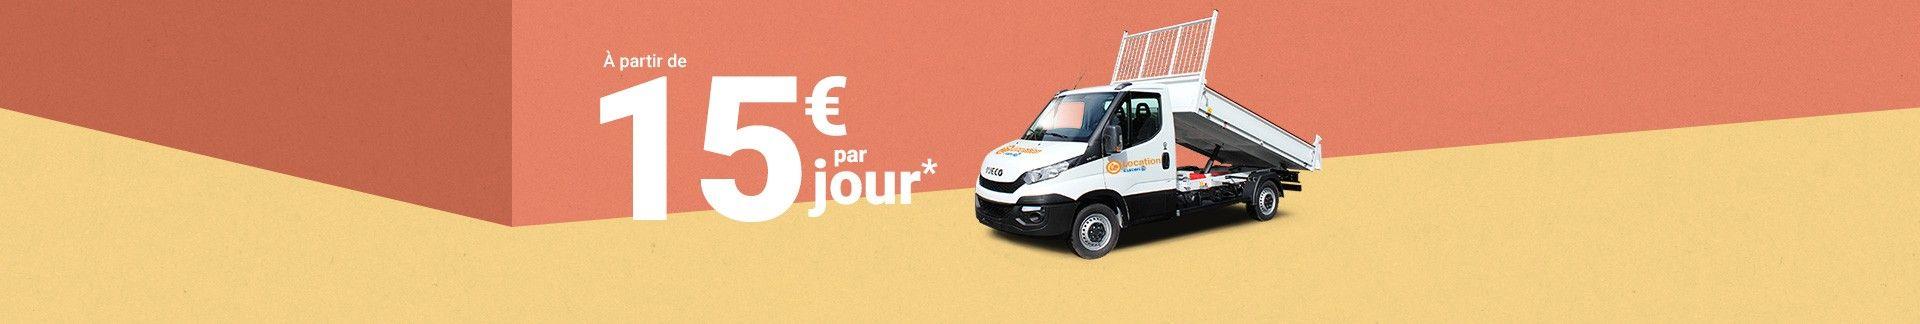 Location De Voitures Et Vehicules Utilitaires En France Location E Leclerc Location De Voiture Modele De Voiture Agence Location